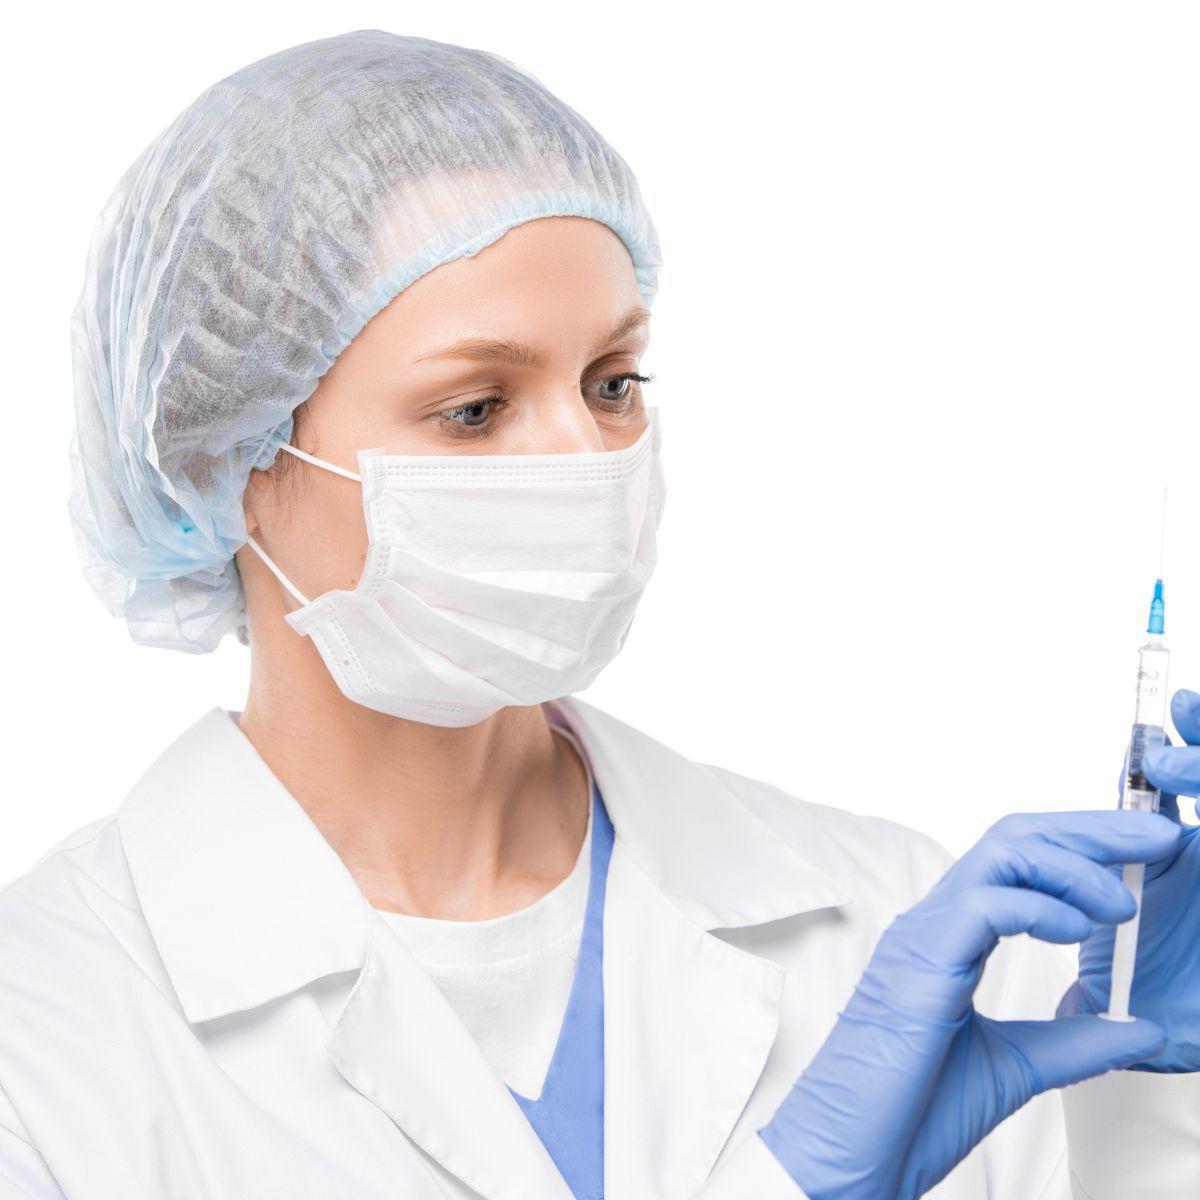 50 Massacras de Proteção Cirurgia Contra Bactérias Tnt 5 camadas